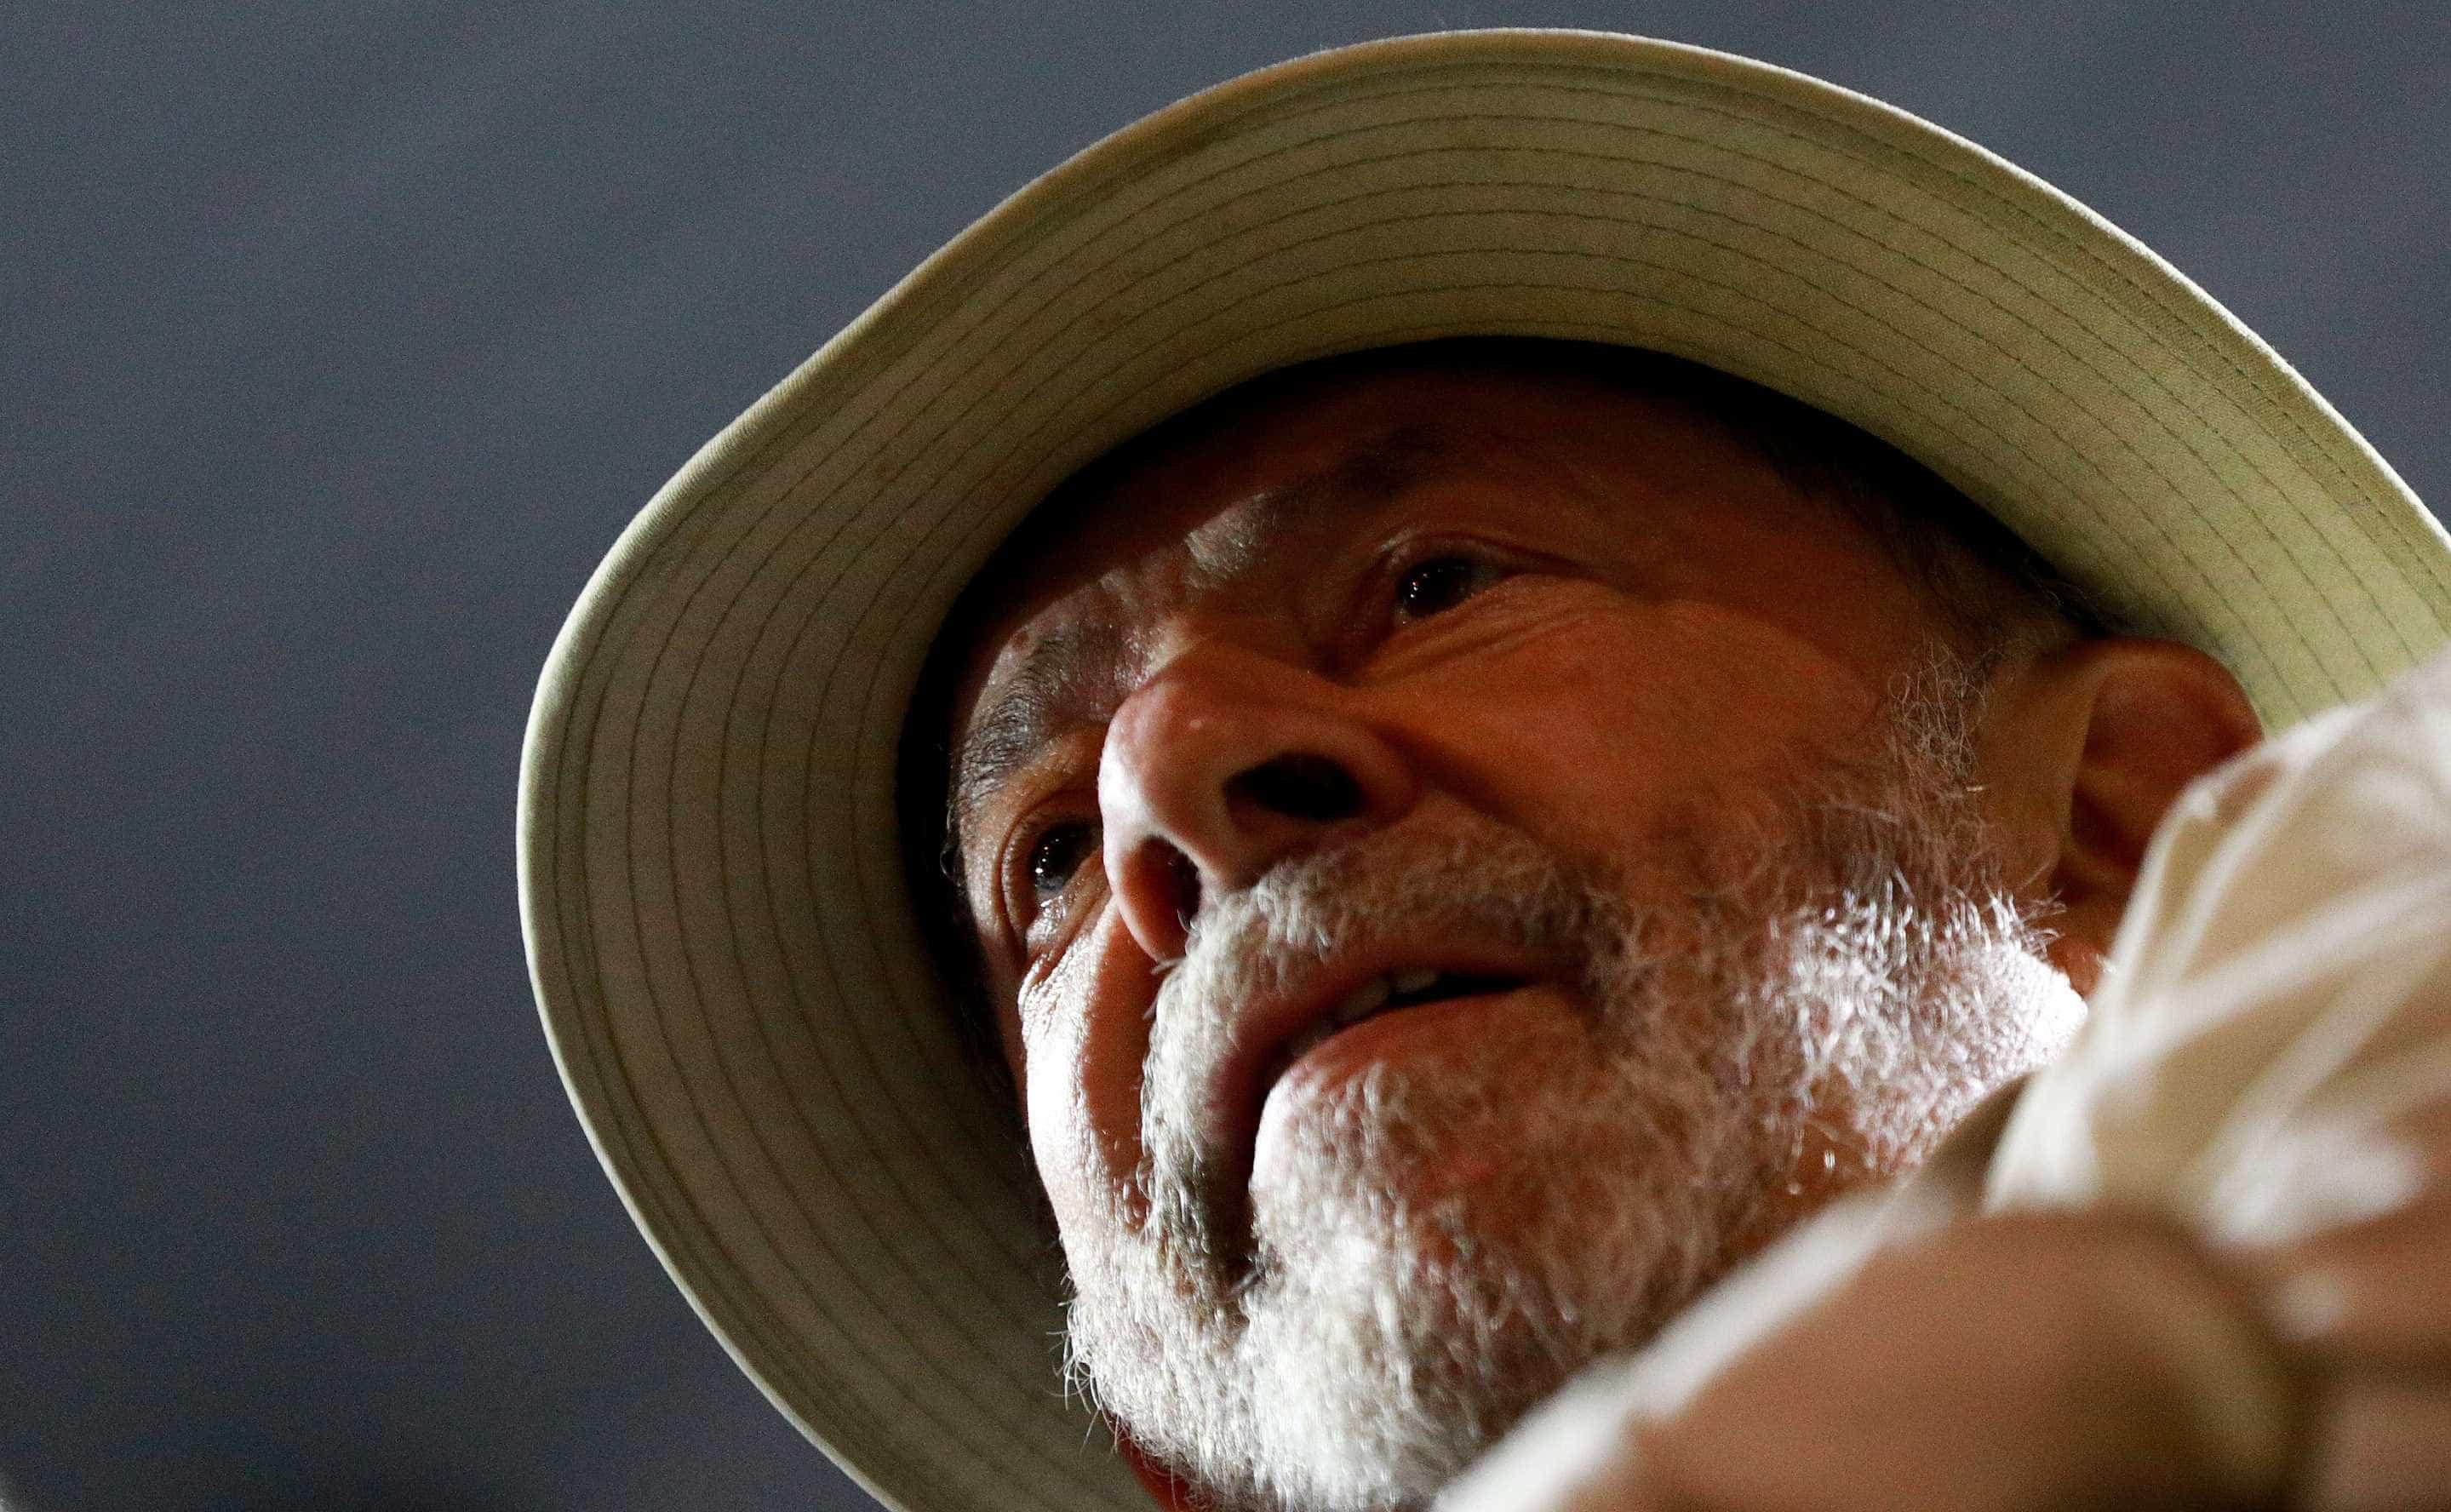 Está suspensa a decisão que poderia ditar a libertação de Lula da Silva